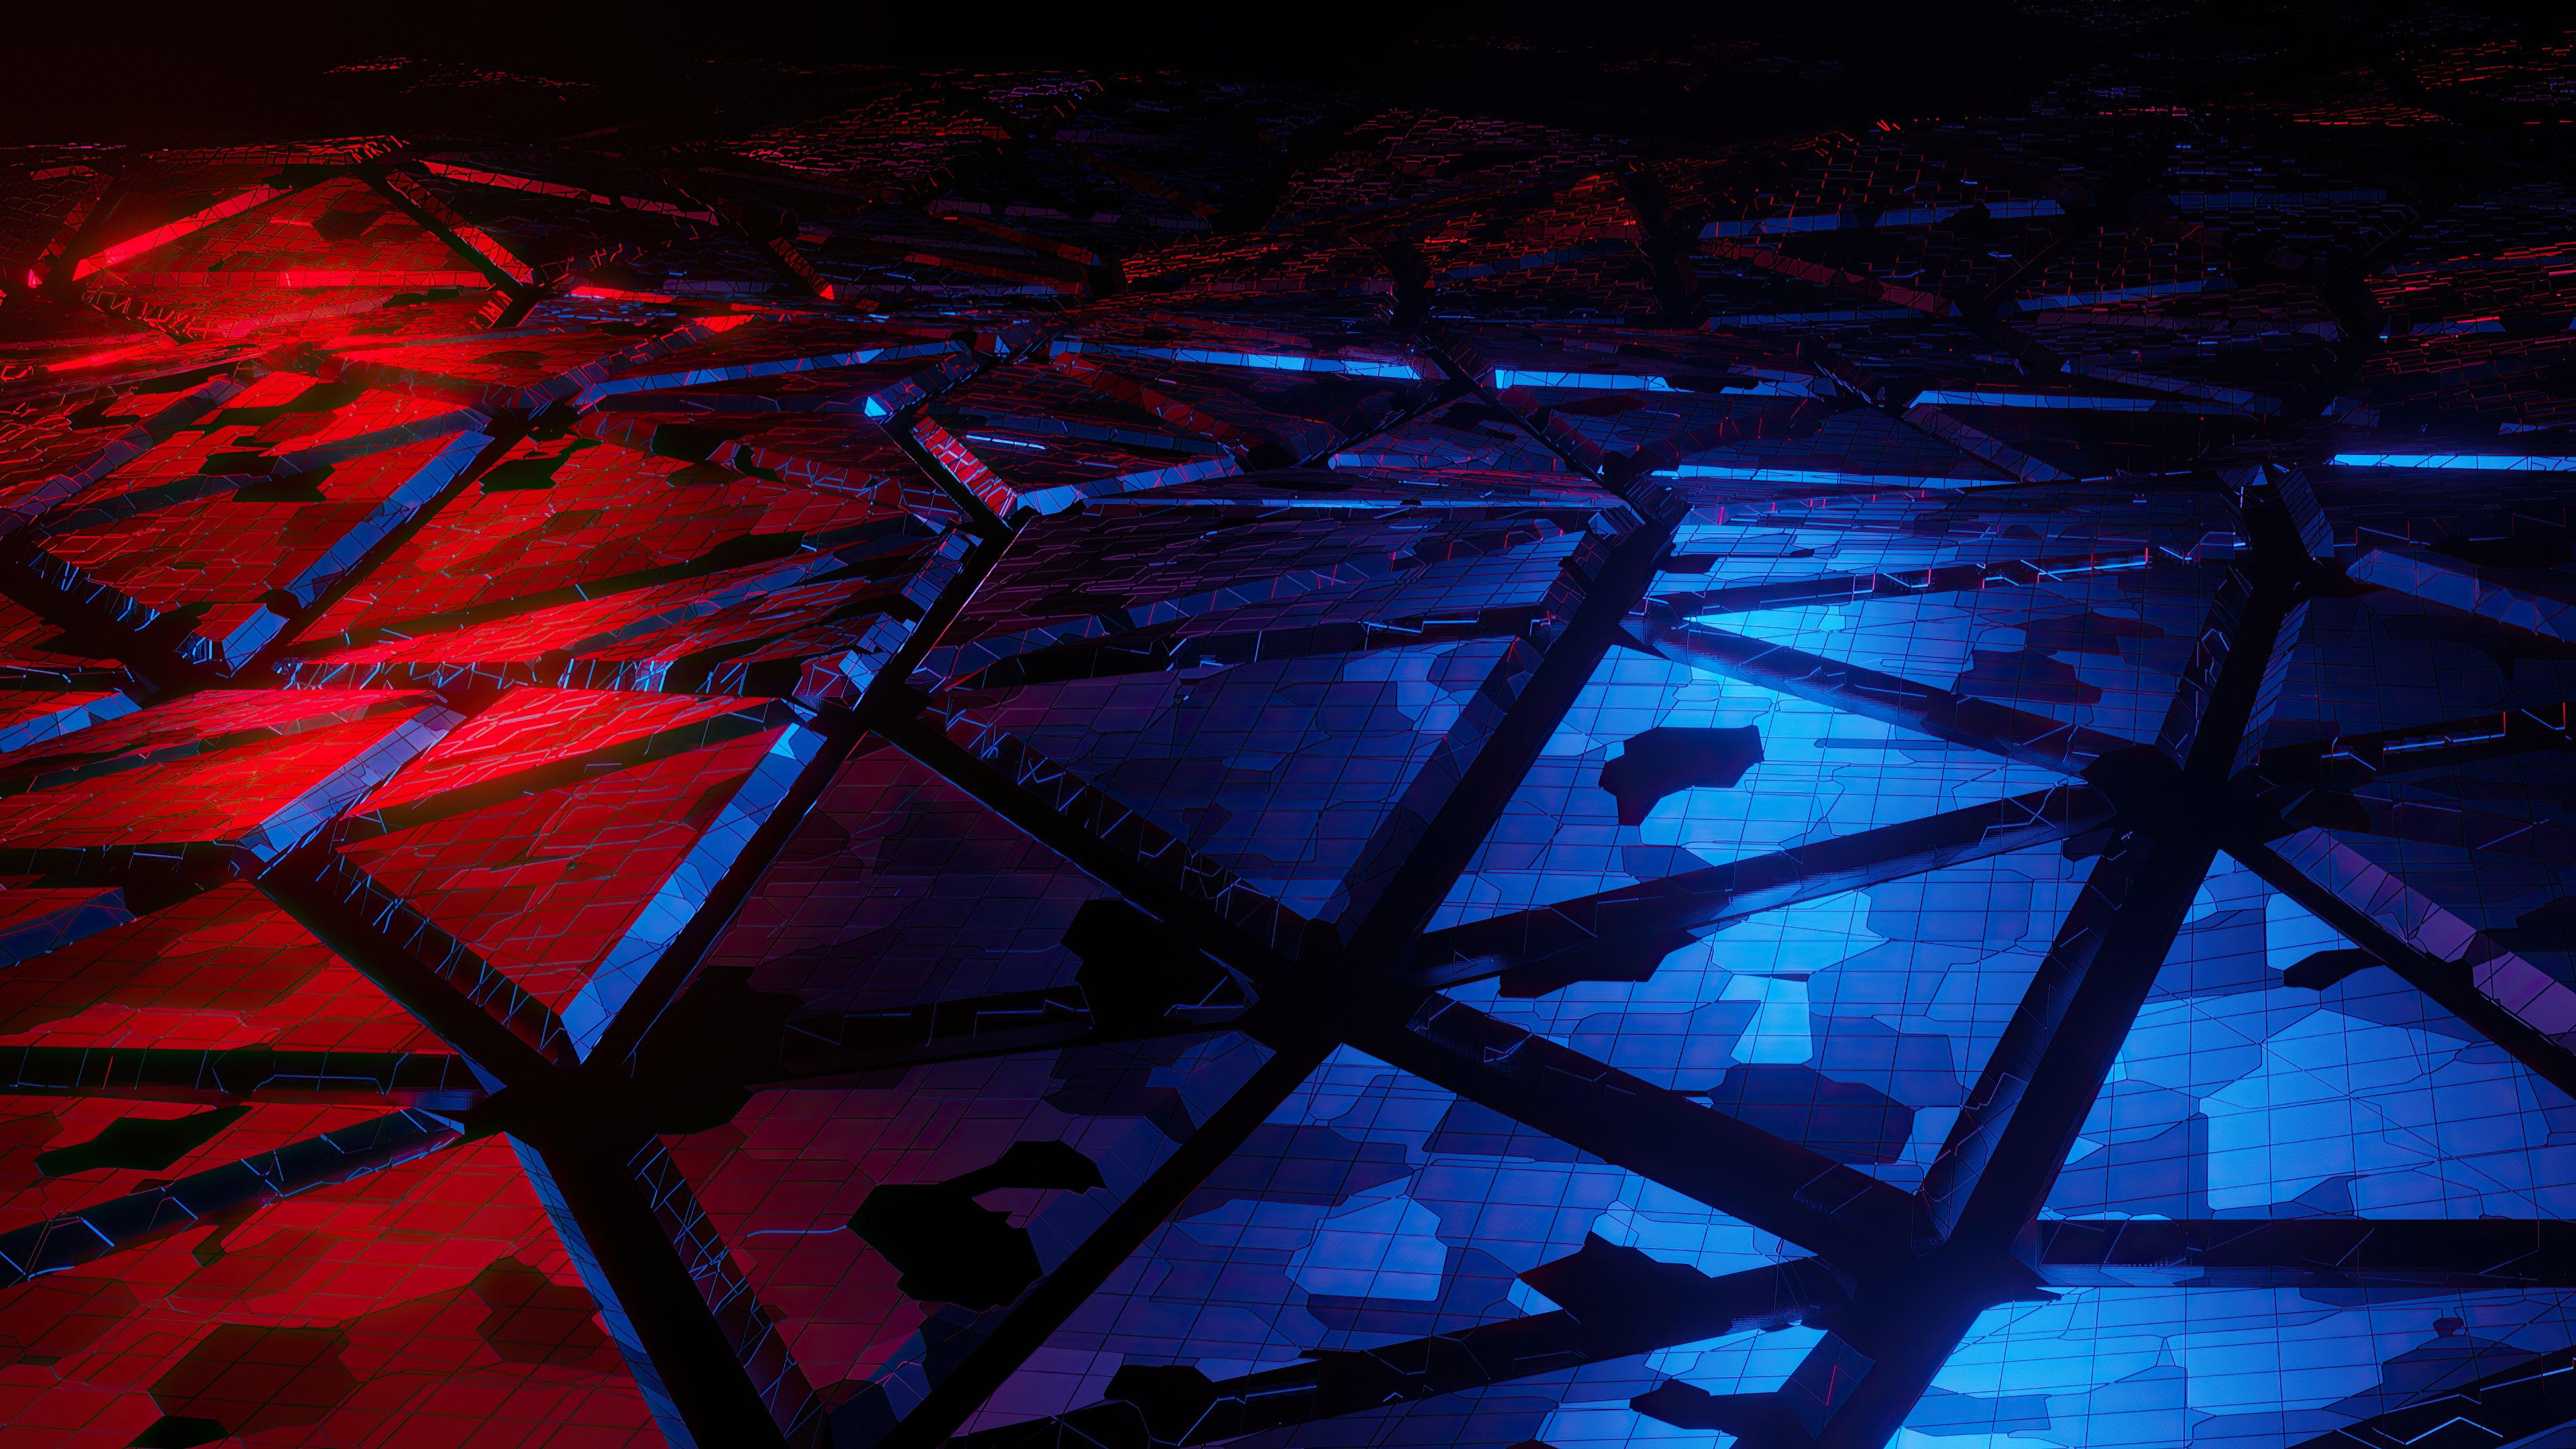 Fondos de pantalla Rojo y azul quebraduras